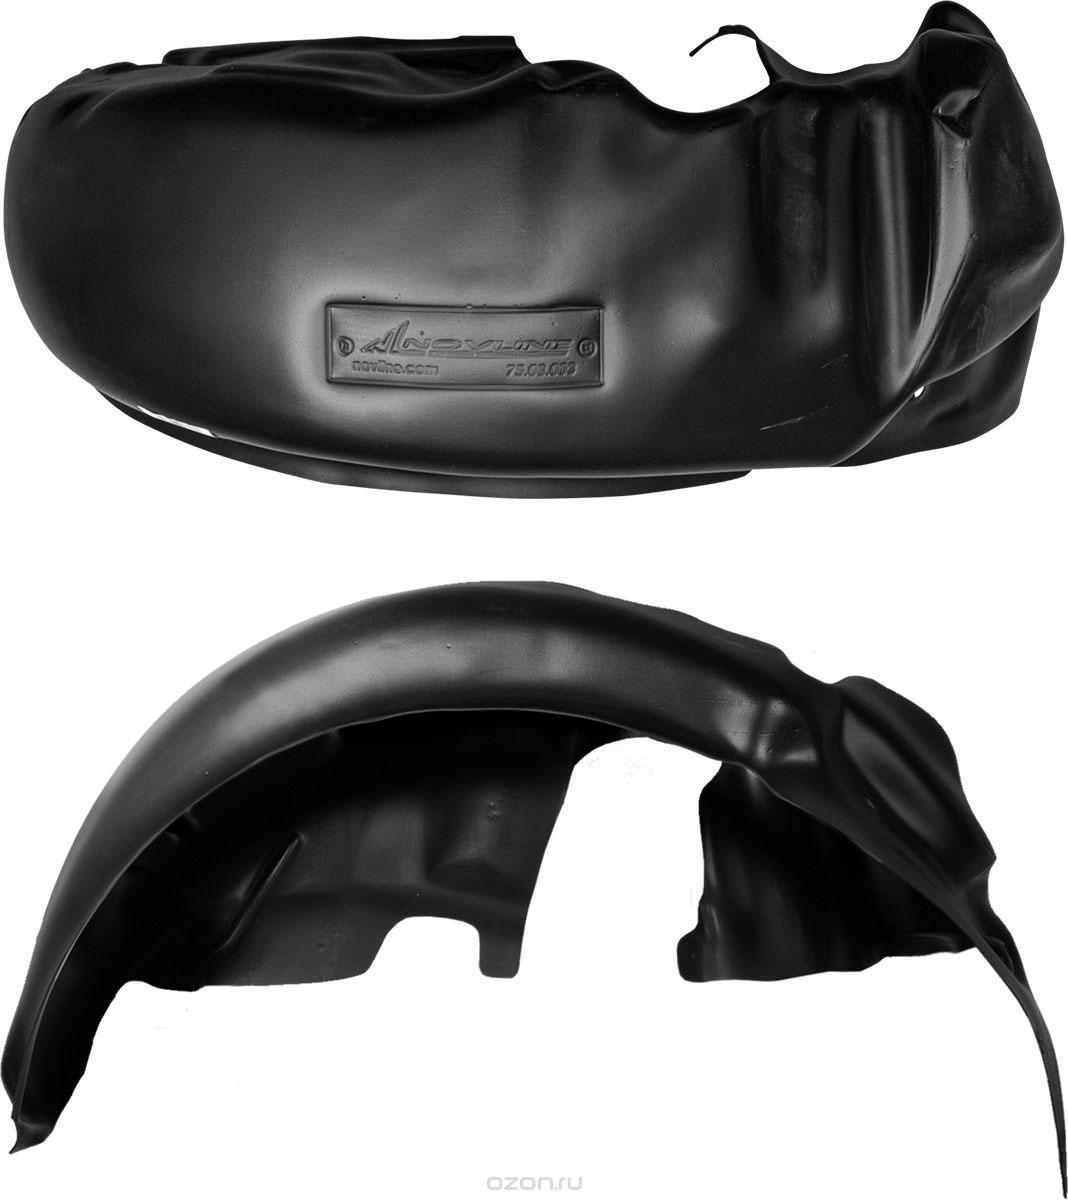 Подкрылок Novline-Autofamily, для Renault Sandero, 2013, рестайлинг, задний левыйNLL.41.34.003Идеальная защита колесной ниши. Локеры разработаны с применением цифровых технологий, гарантируют максимальную повторяемость поверхности арки. Изделия устанавливаются без нарушения лакокрасочного покрытия автомобиля, каждый подкрылок комплектуется крепежом. Уважаемые клиенты, обращаем ваше внимание, что фотографии на подкрылки универсальные и не отражают реальную форму изделия. При этом само изделие идет точно под размер указанного автомобиля.